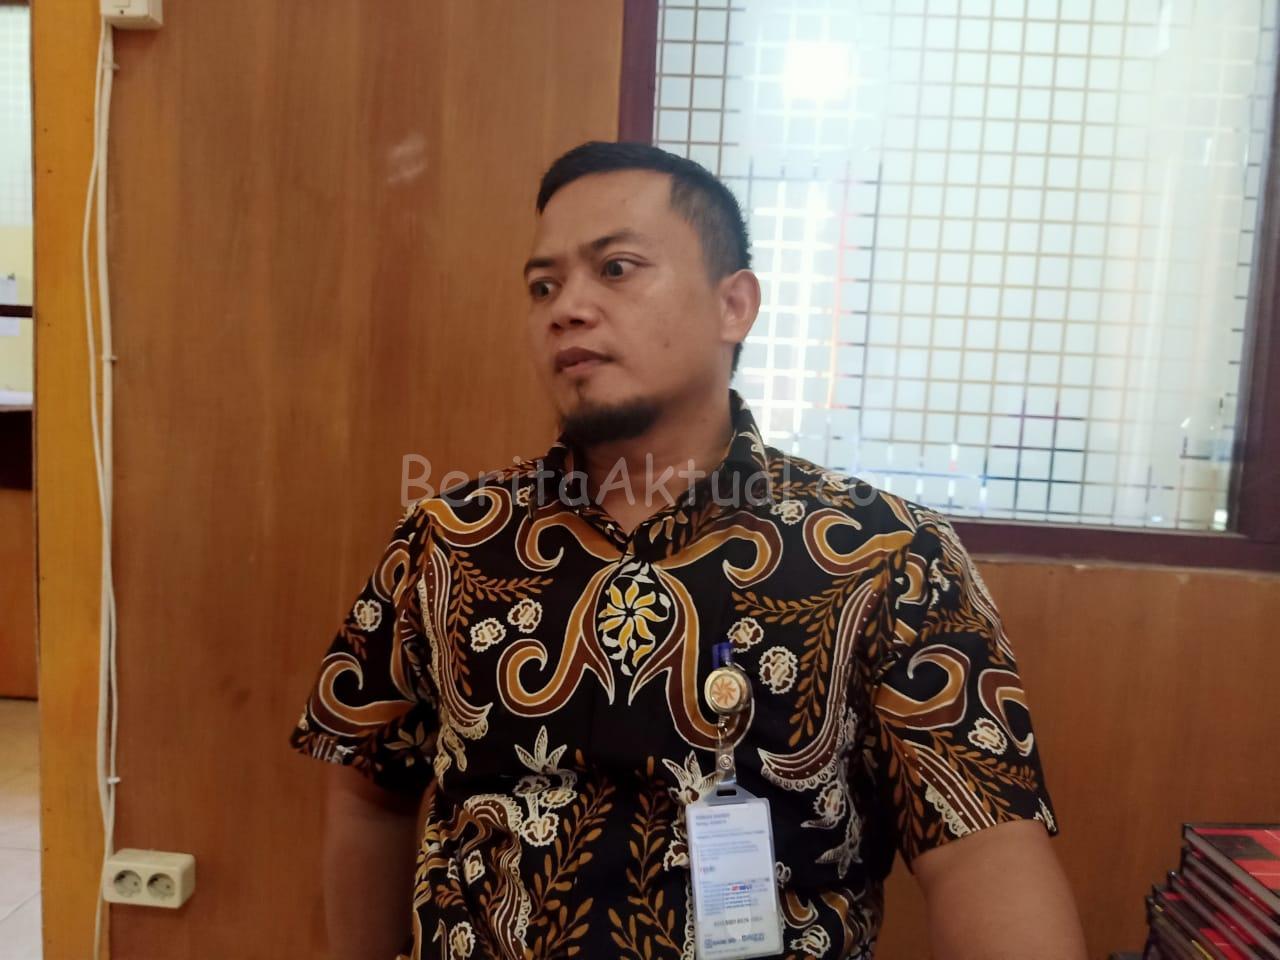 Presiden Jokowi Salurkan Paket Bapok Untuk Manokwari, Kota Sorong Dan Pegaf 28 IMG 20200319 WA0037